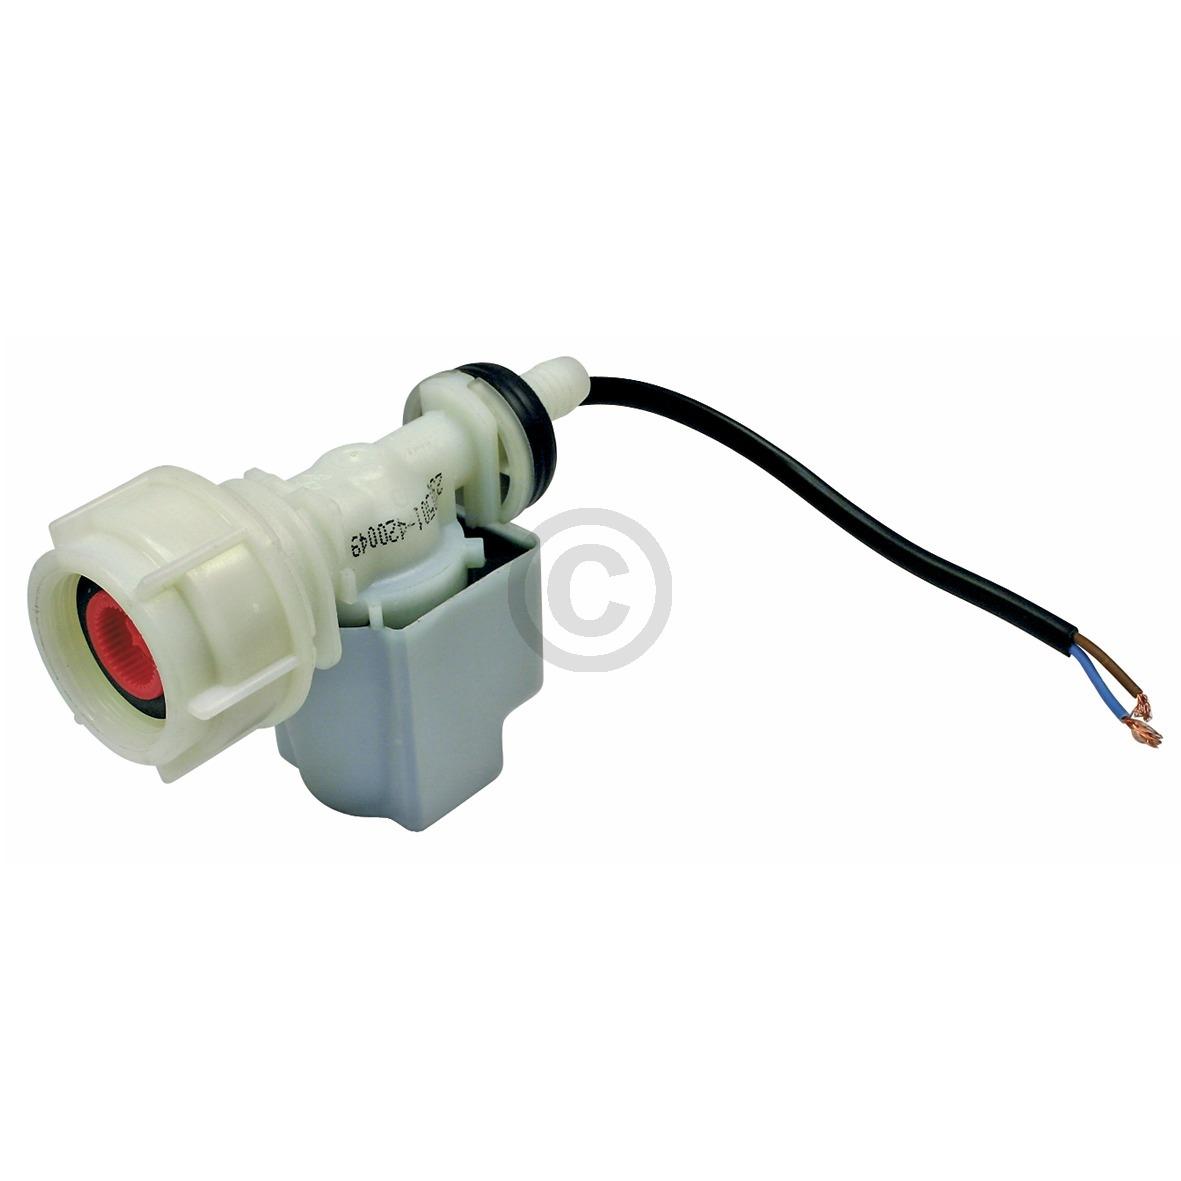 Magnetventil-Reparatursatz, OT! 00645701 645701 Bosch, Siemens, Neff